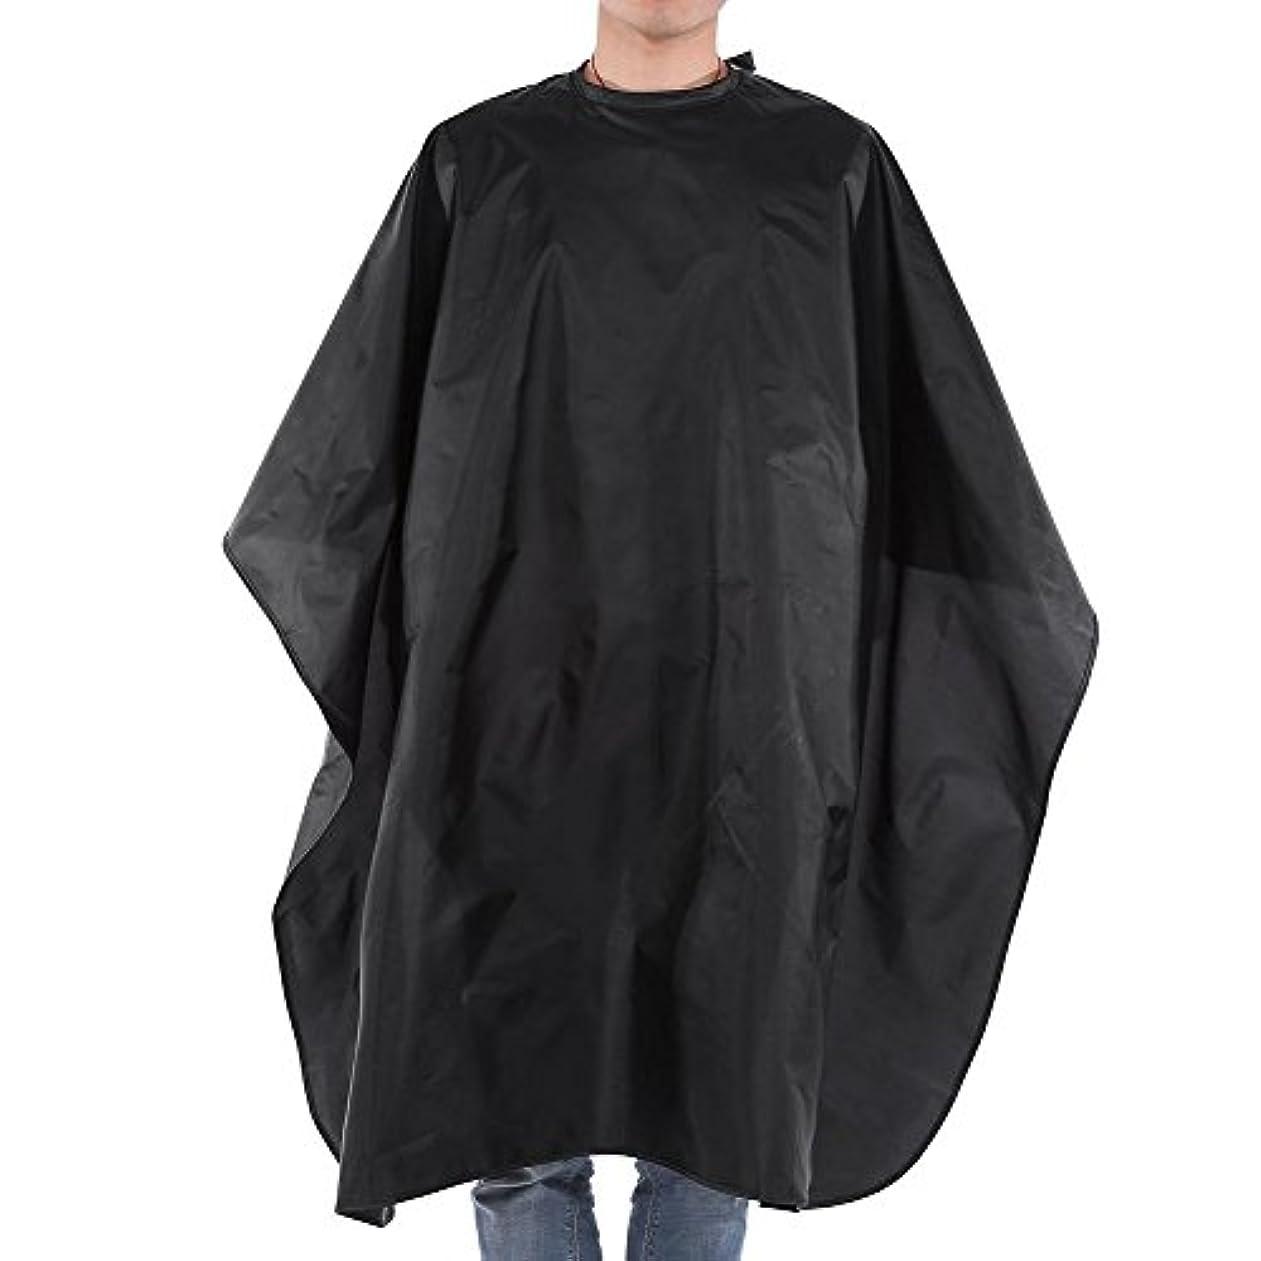 代替案わずかに撤回する理容室スタイリングケープ、ブラックサロンヘアカット理髪理髪店ケープガウン大人の布防水スナップクロージャー59×47インチ